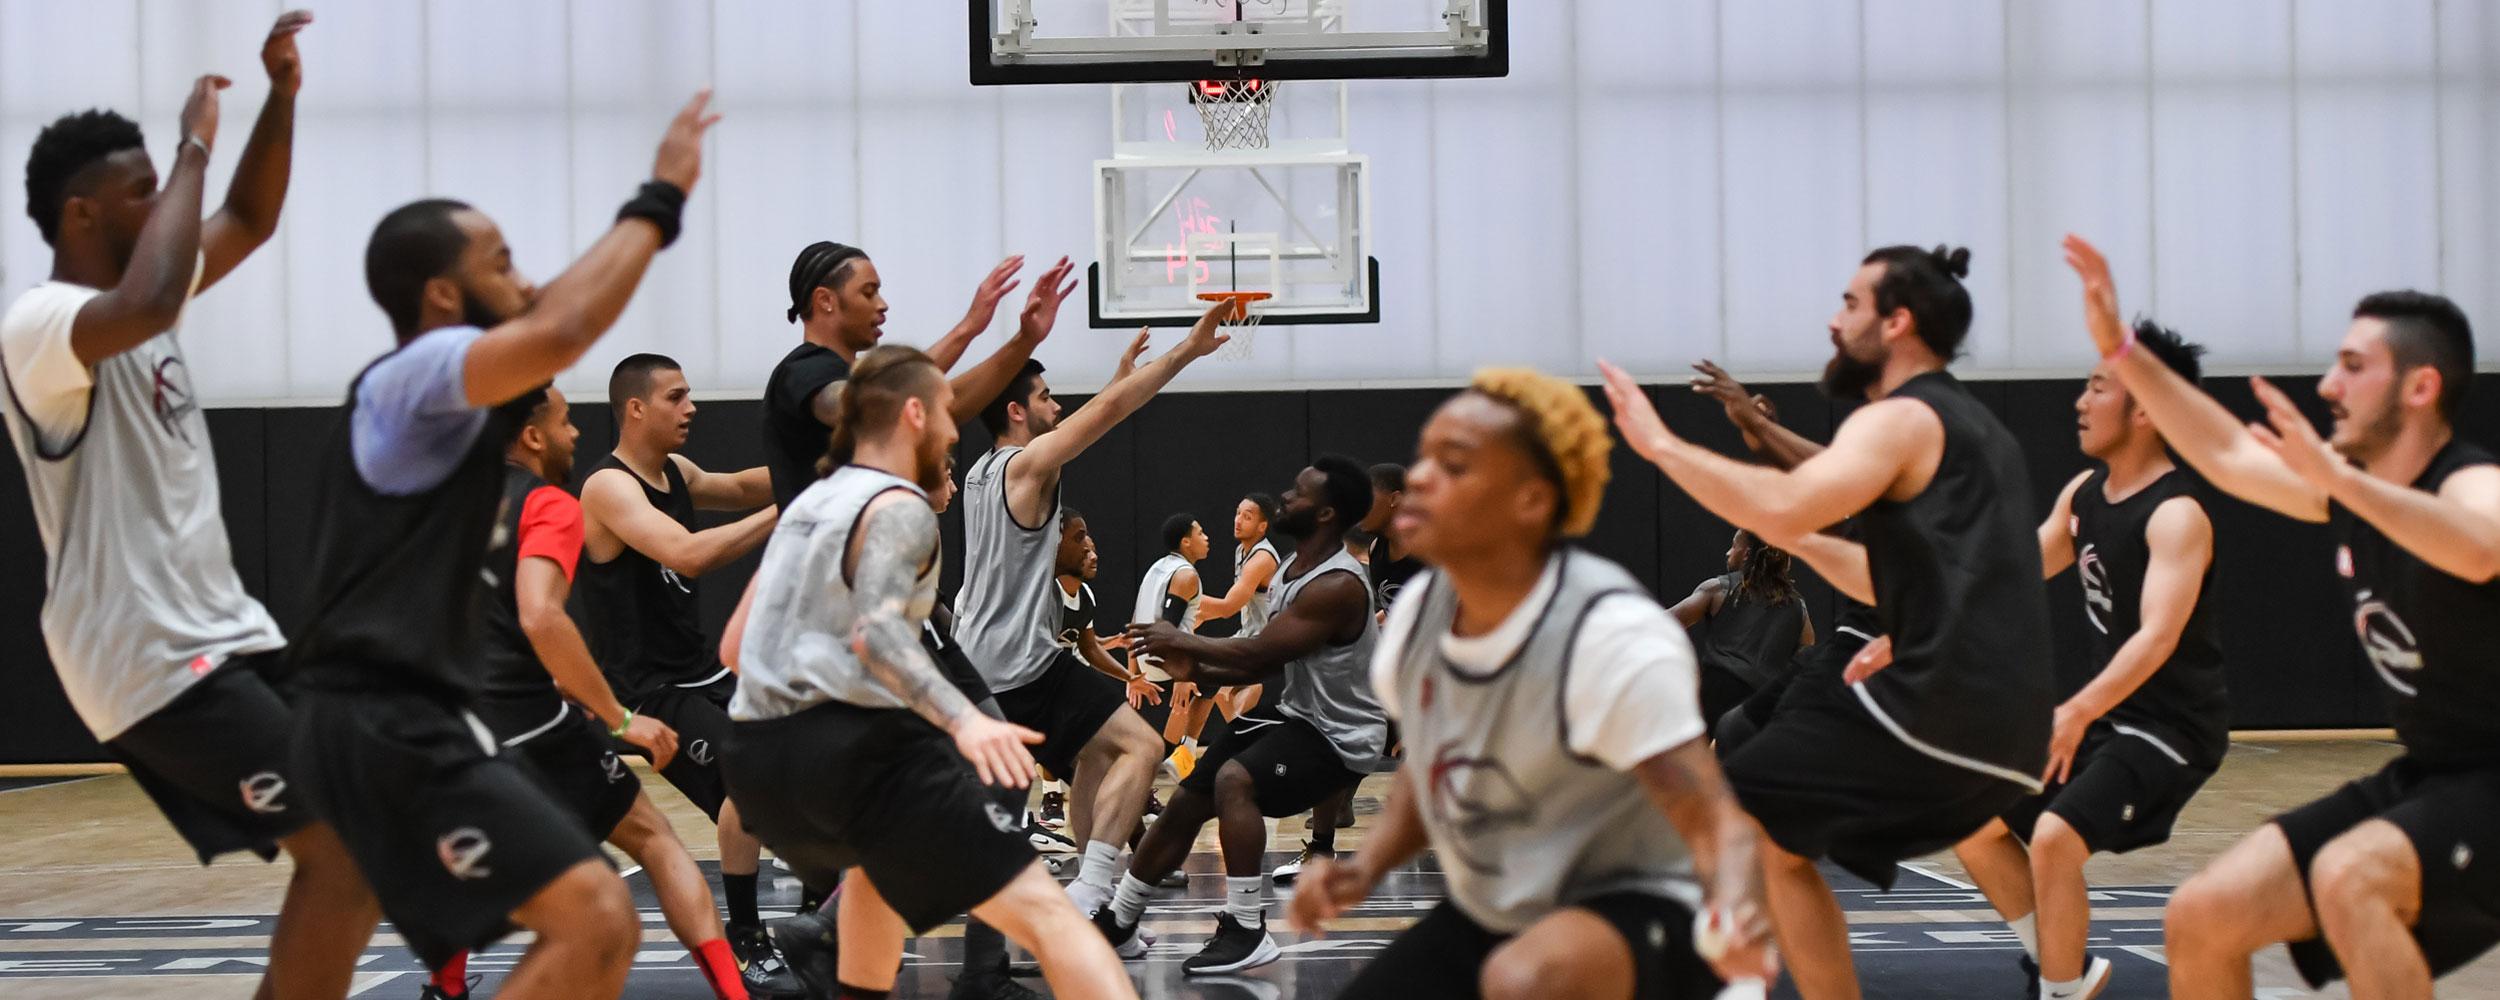 Pro Basketball Tryouts